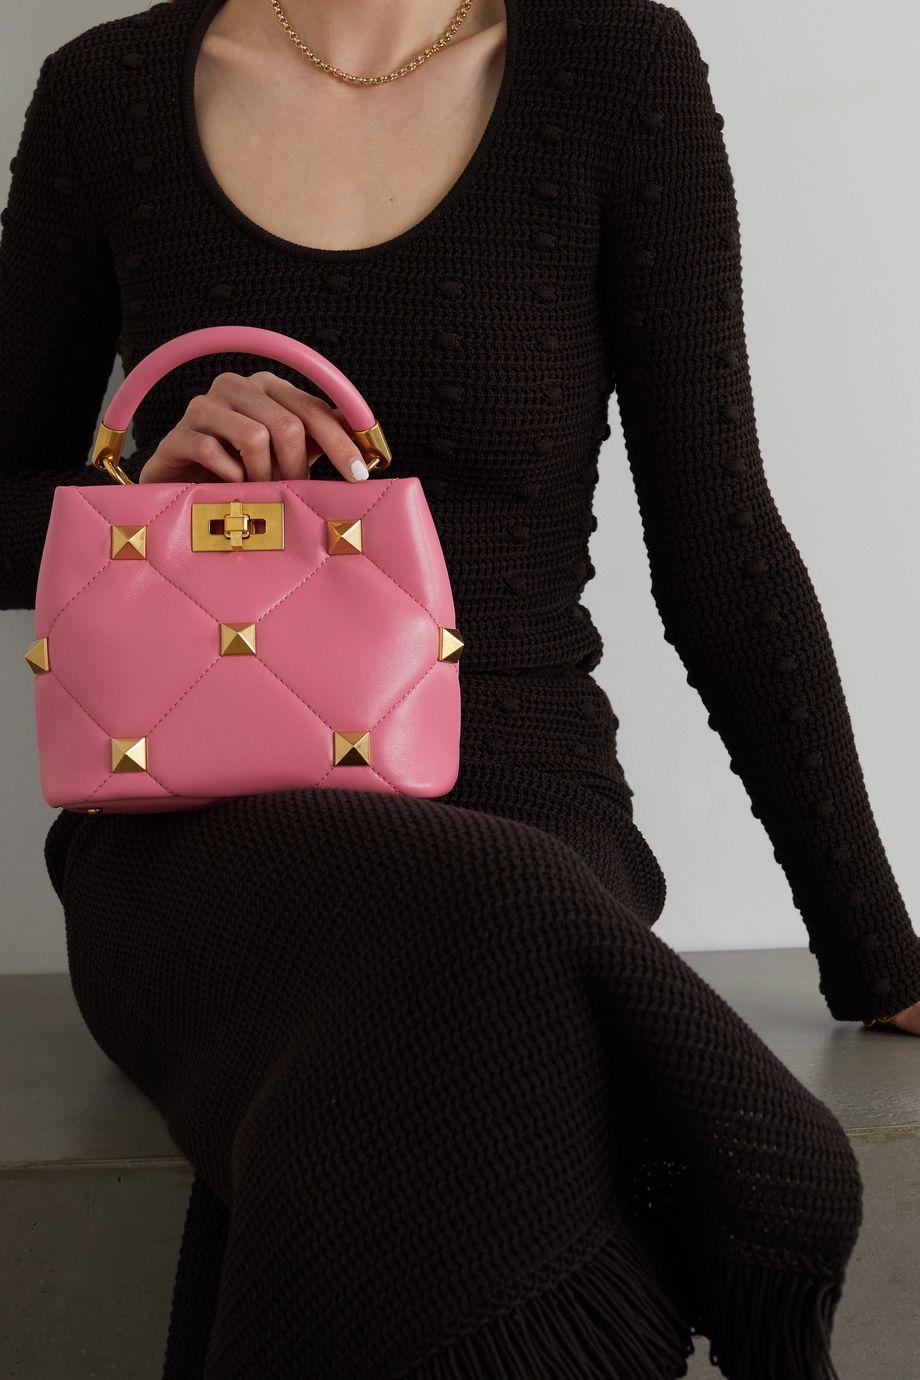 Valentino Valentino Garavani Roman Stud small quilted leather tote